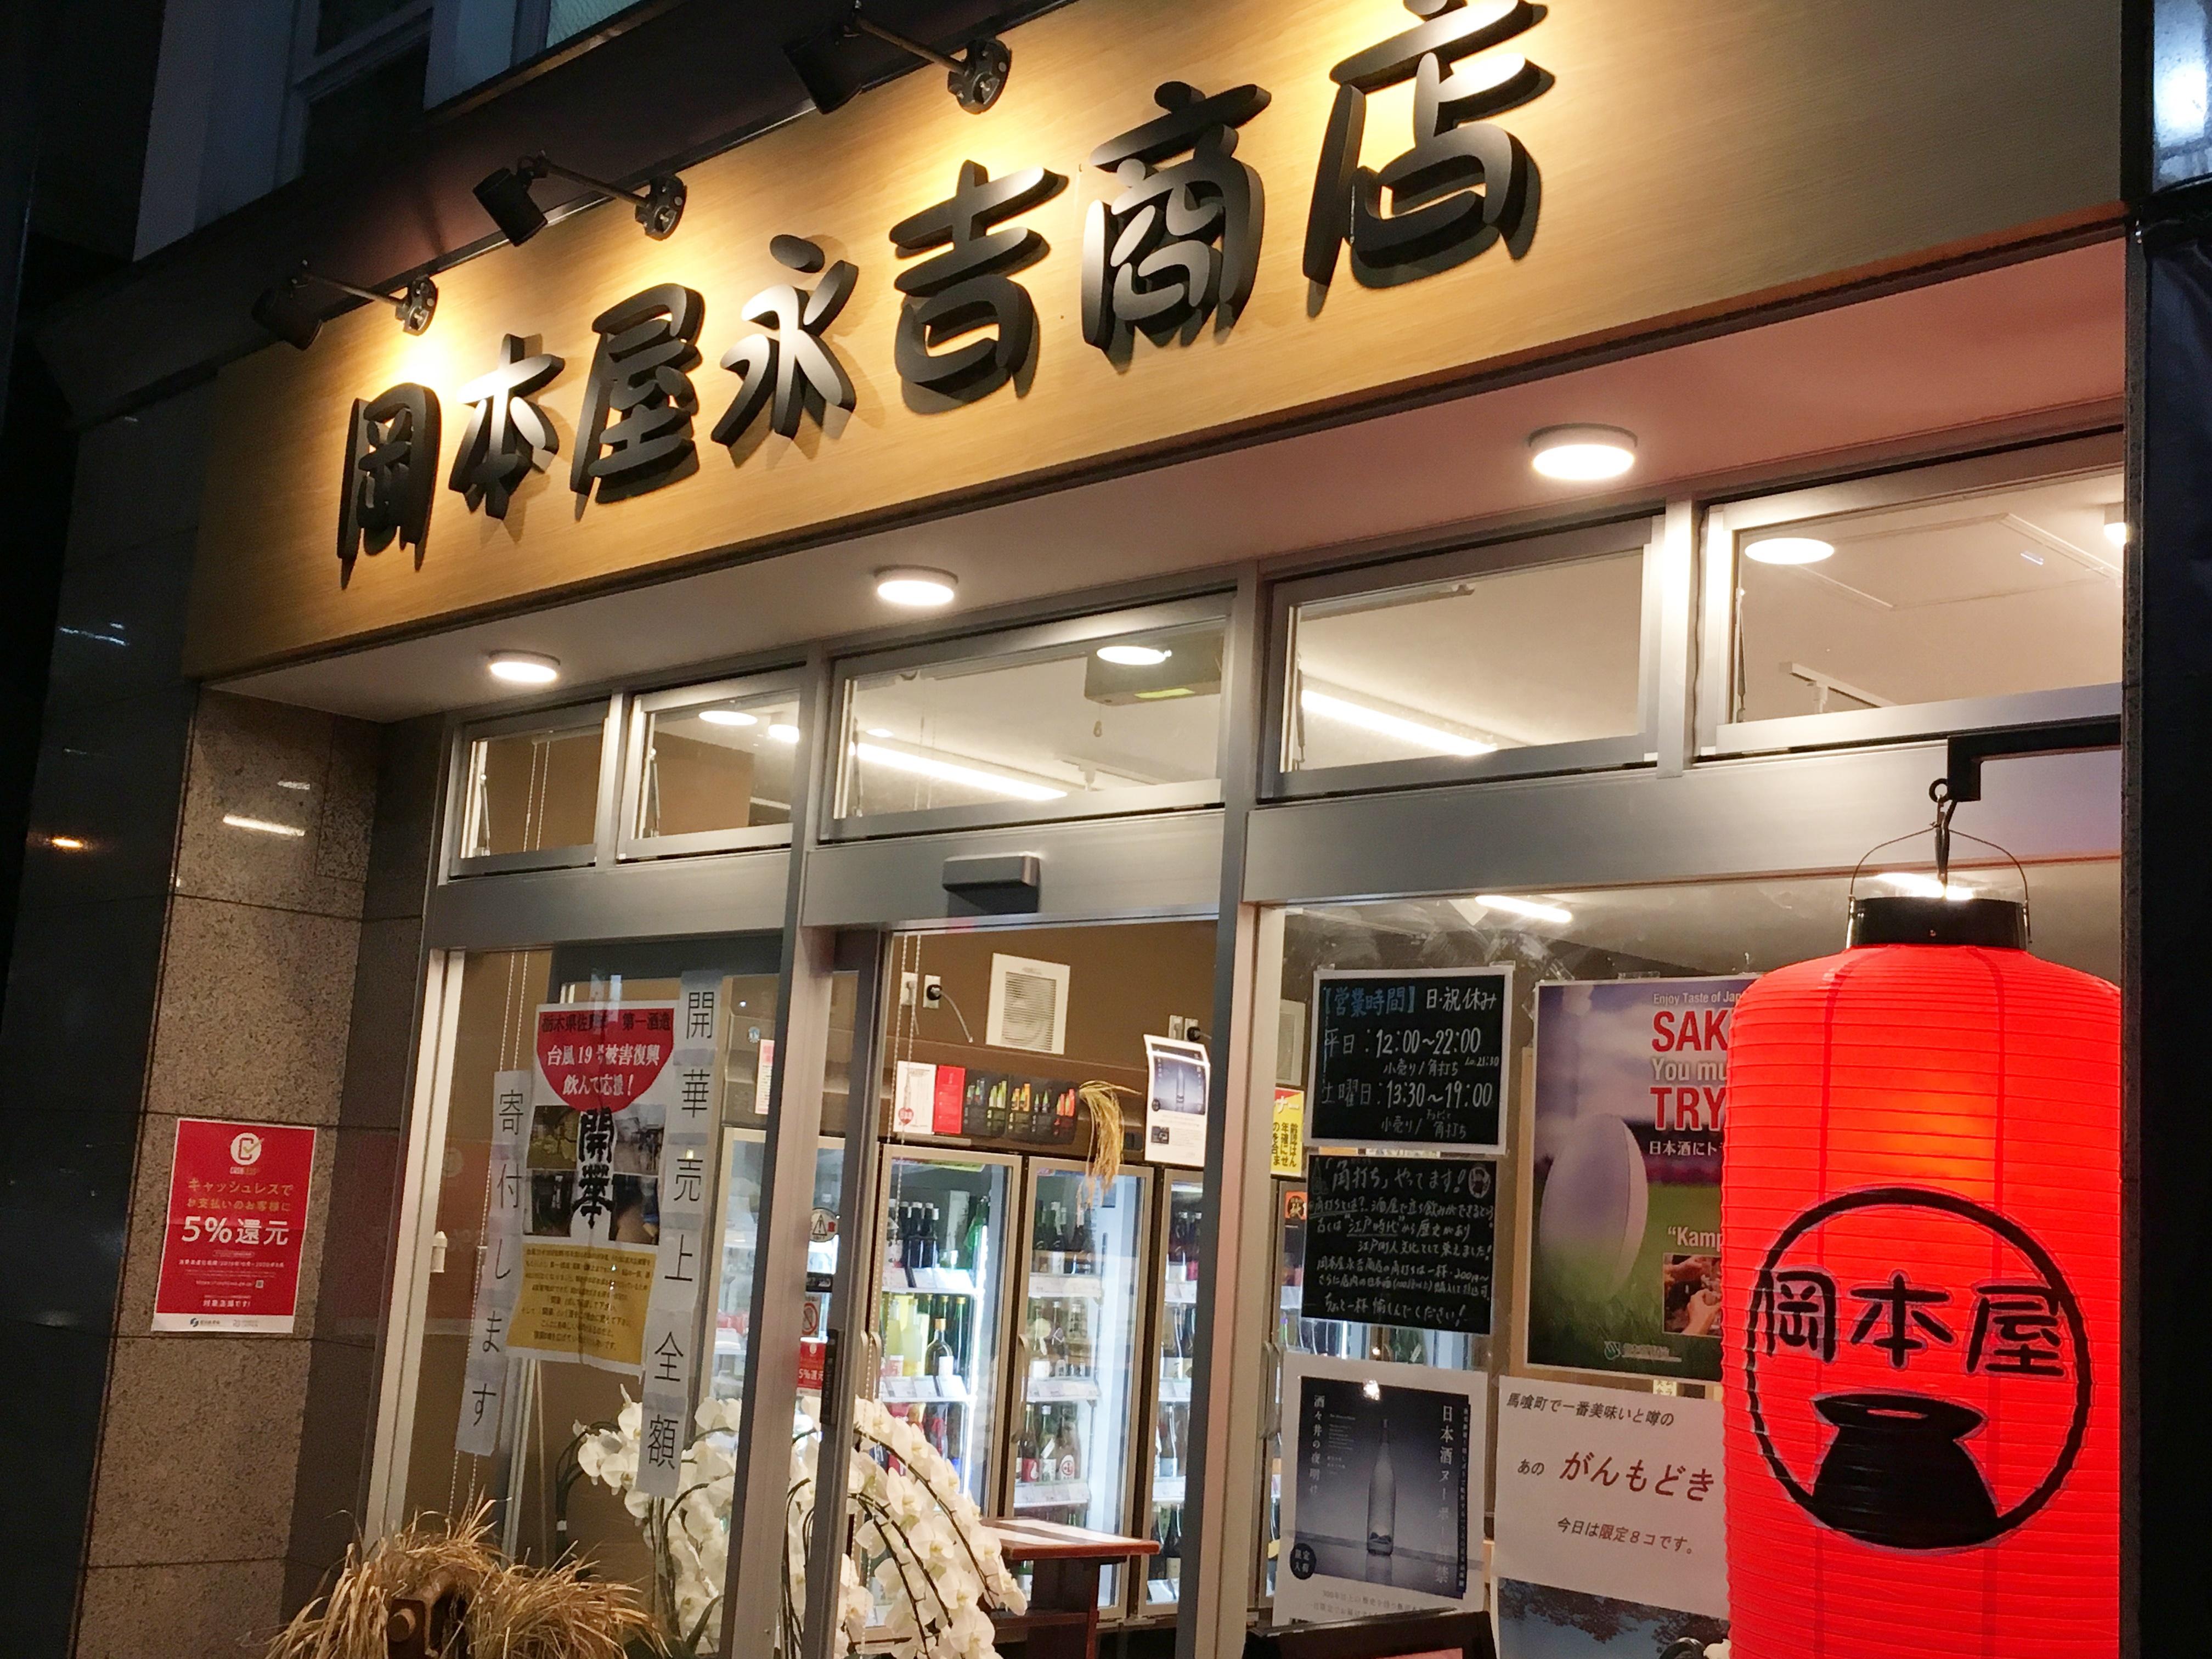 株式会社岡永では、豊かな「食の文化」としてお酒と食の奥深さを探求し、未来に伝えることを使命と考えています。